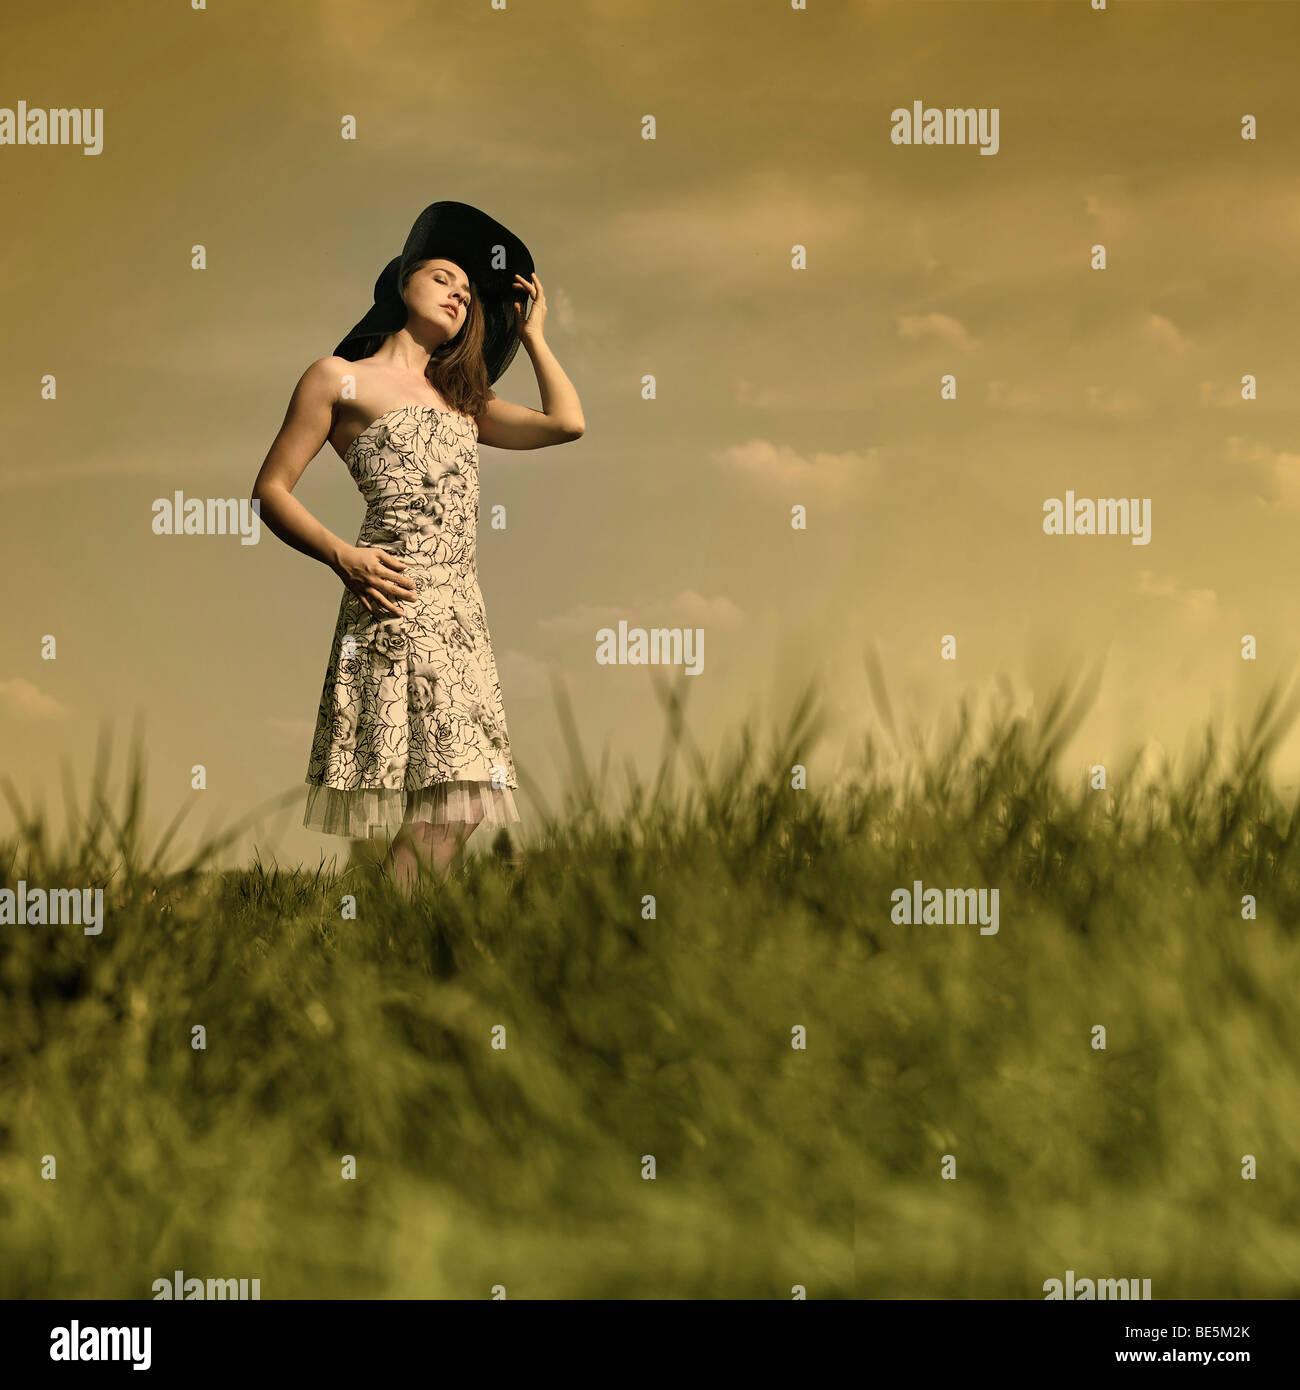 Junge Frau mit einem blumigen Sommerkleid und großen Hut steht auf einer Wiese und Blick in die Sonne Stockbild